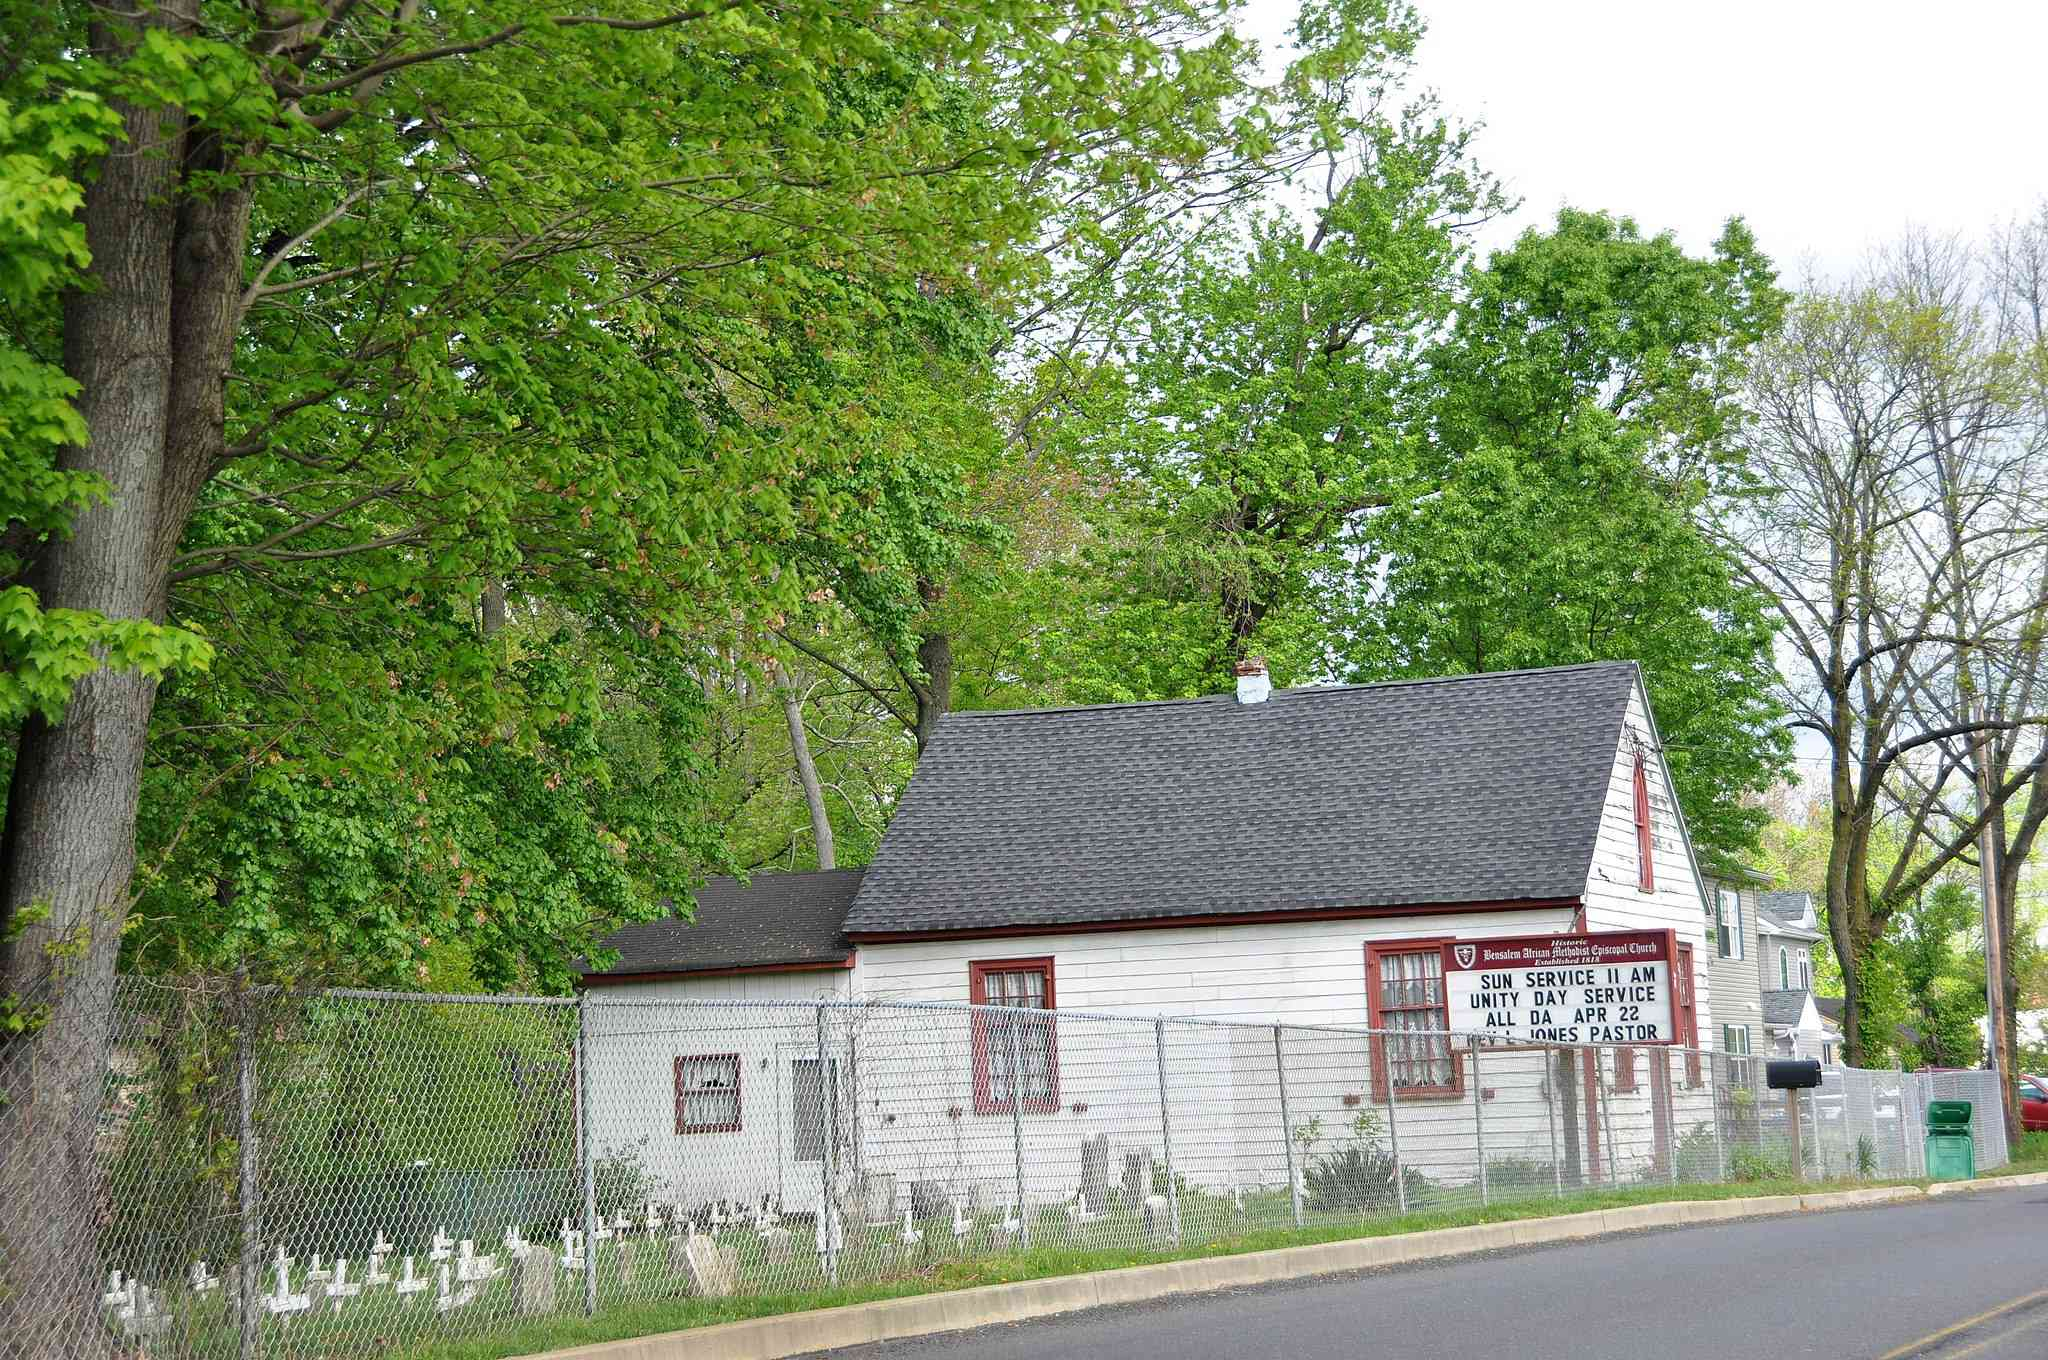 Bensalem African Methodist Episcopal church